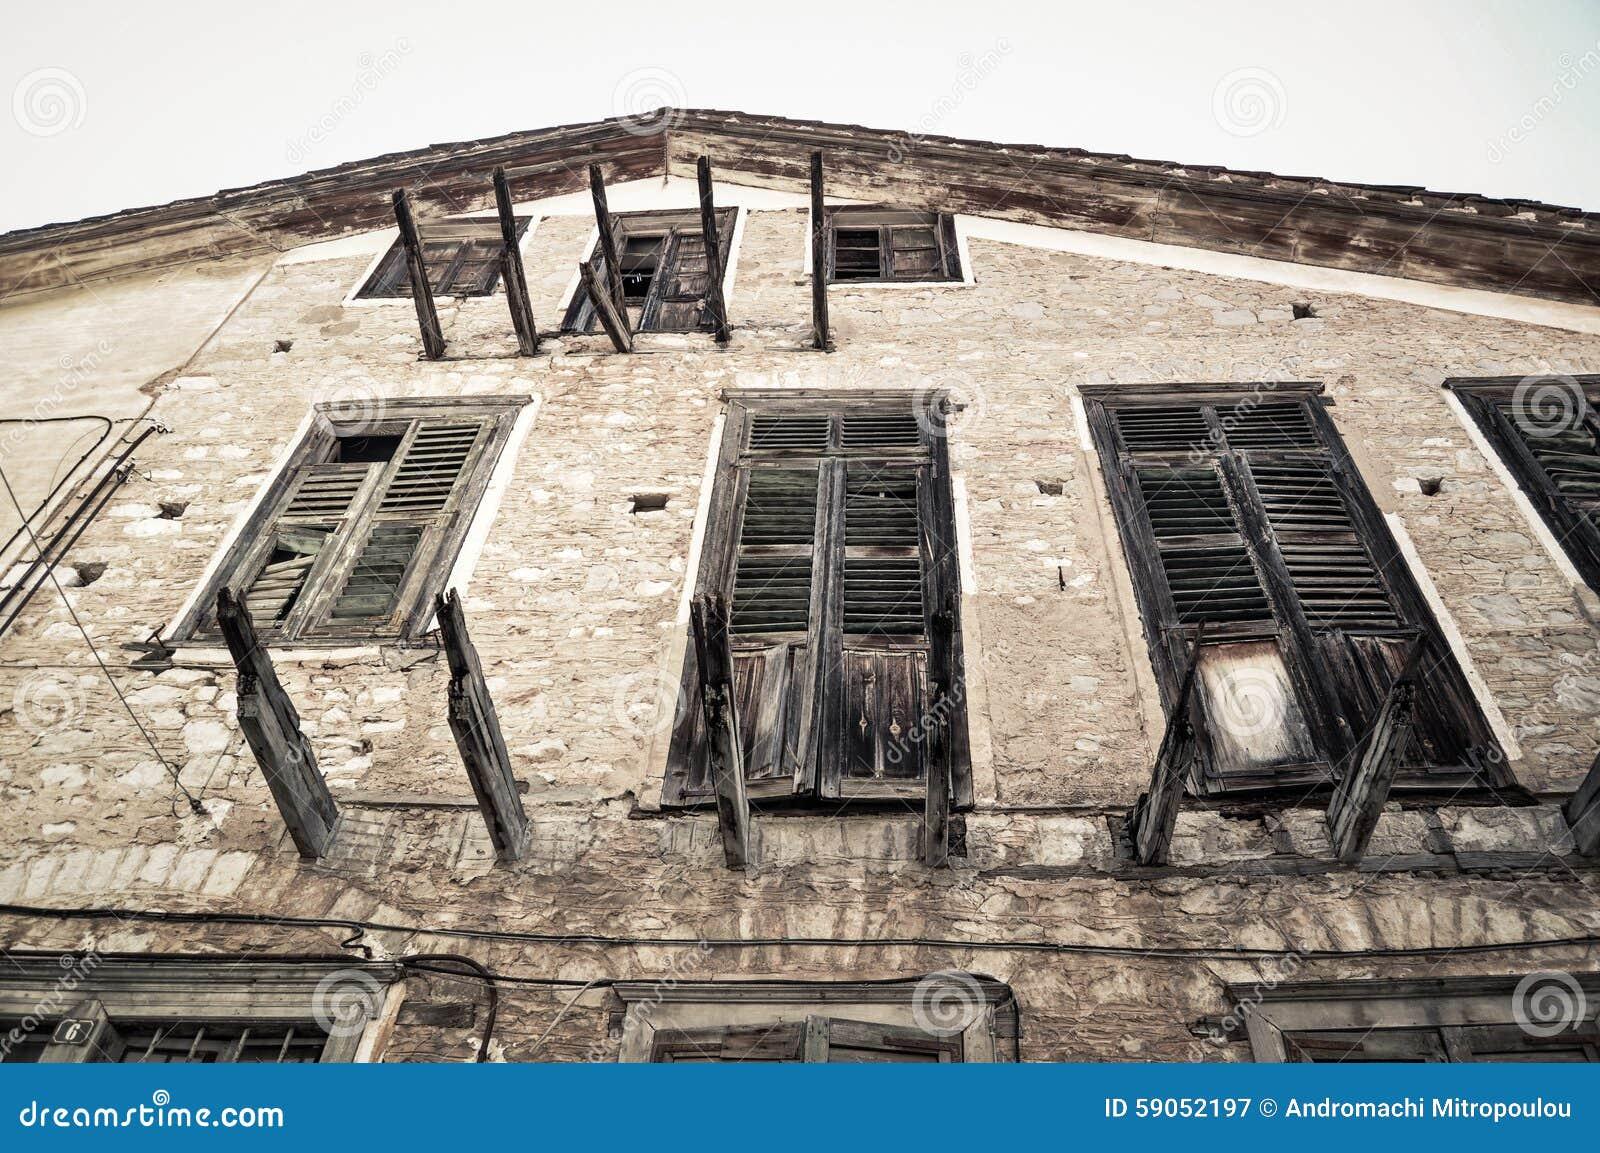 galler för fönster Tags galler för fönster pellets kostnad kostnad renovera badrum 10 kvm